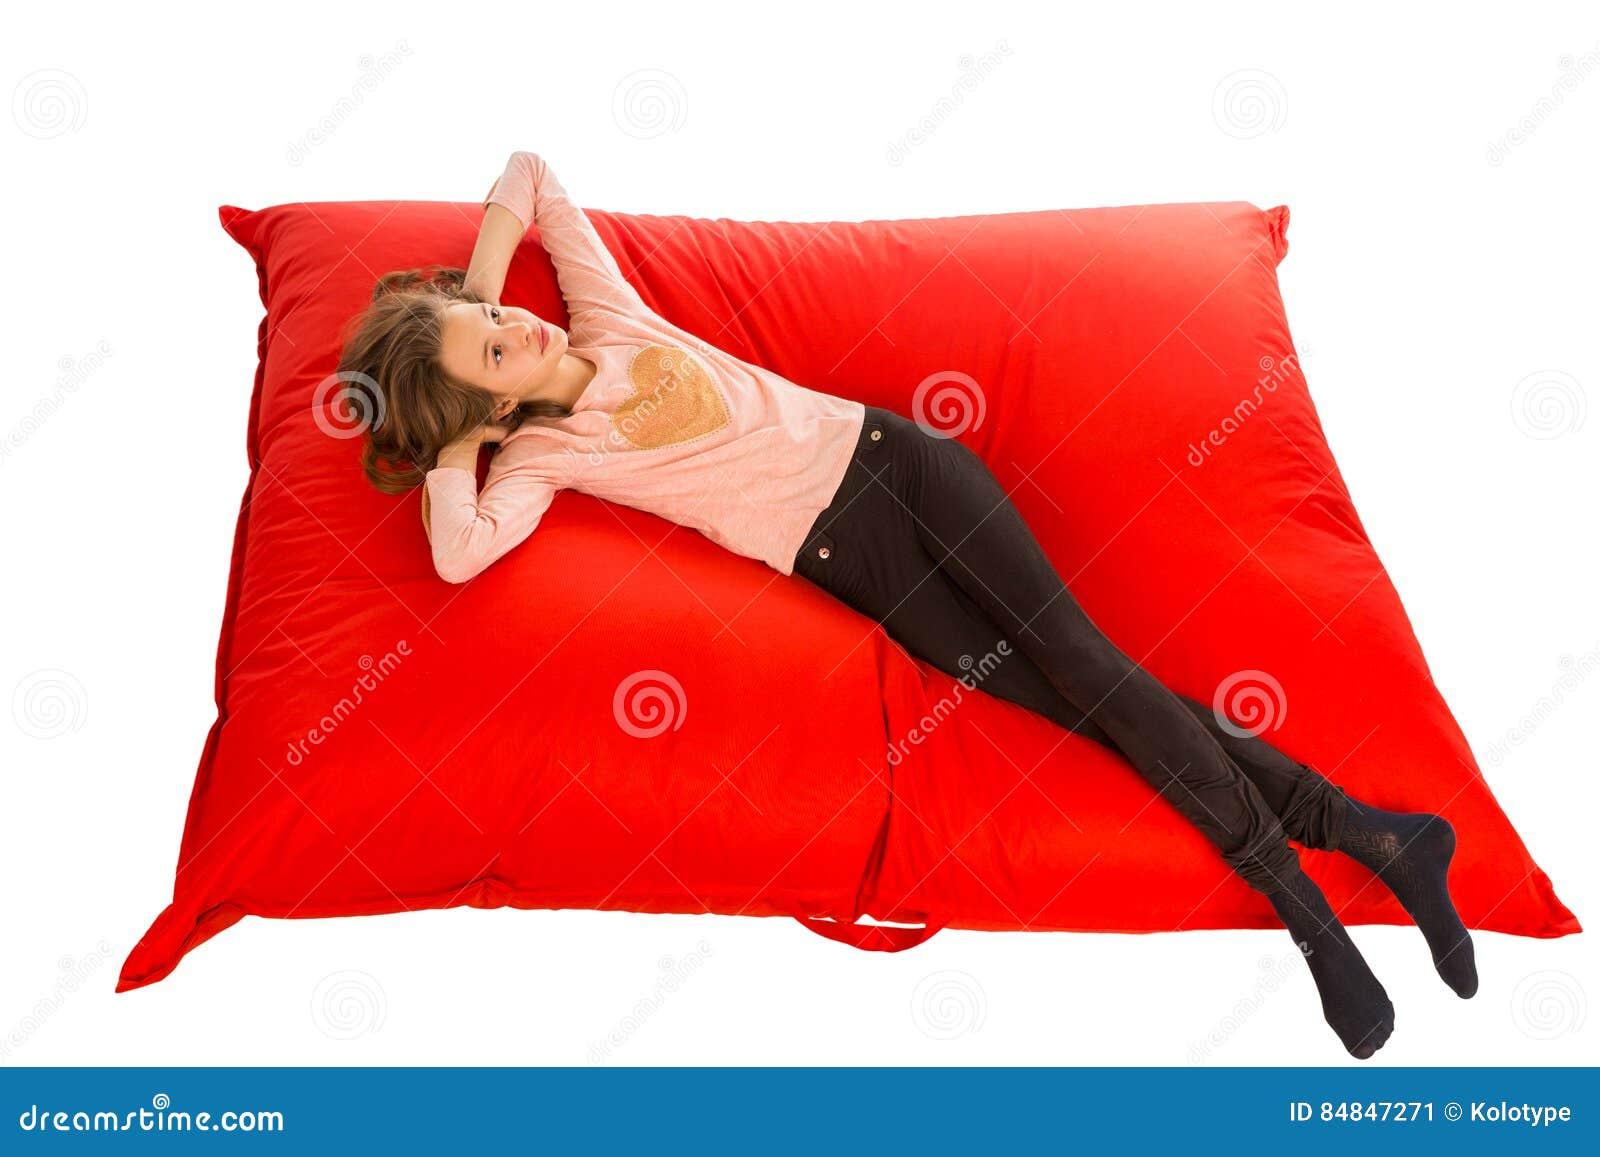 说谎在客厅或其他的红色装豆子小布袋沙发的梦中情人